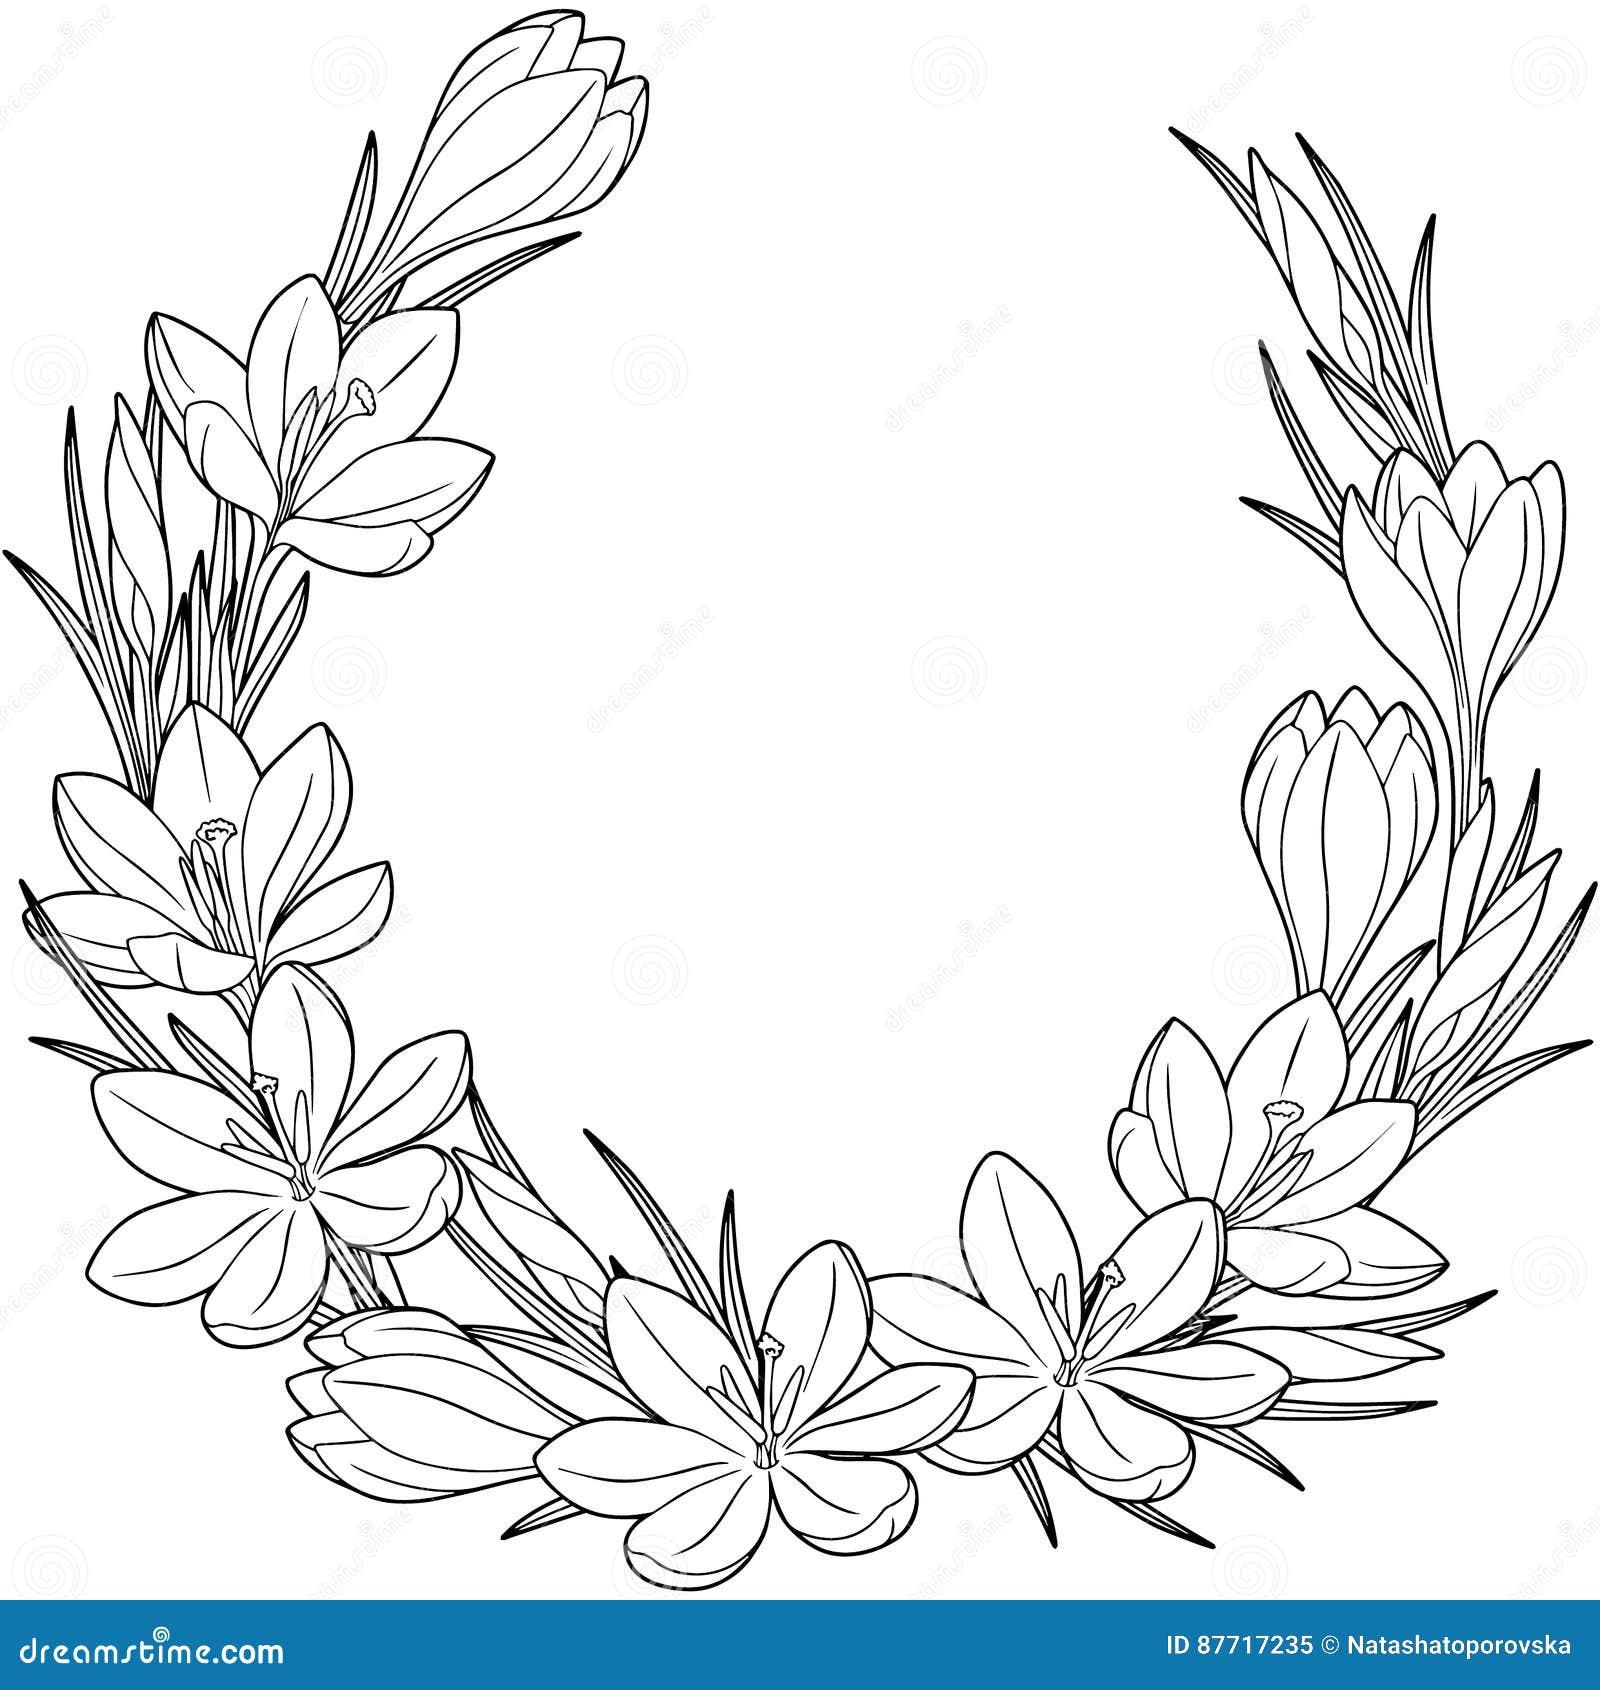 De lentebloem vignett van krokussen Vector geïsoleerde elementen Zwart-wit beeld voor volwassen ontspanning Beeld voor ontwerp va